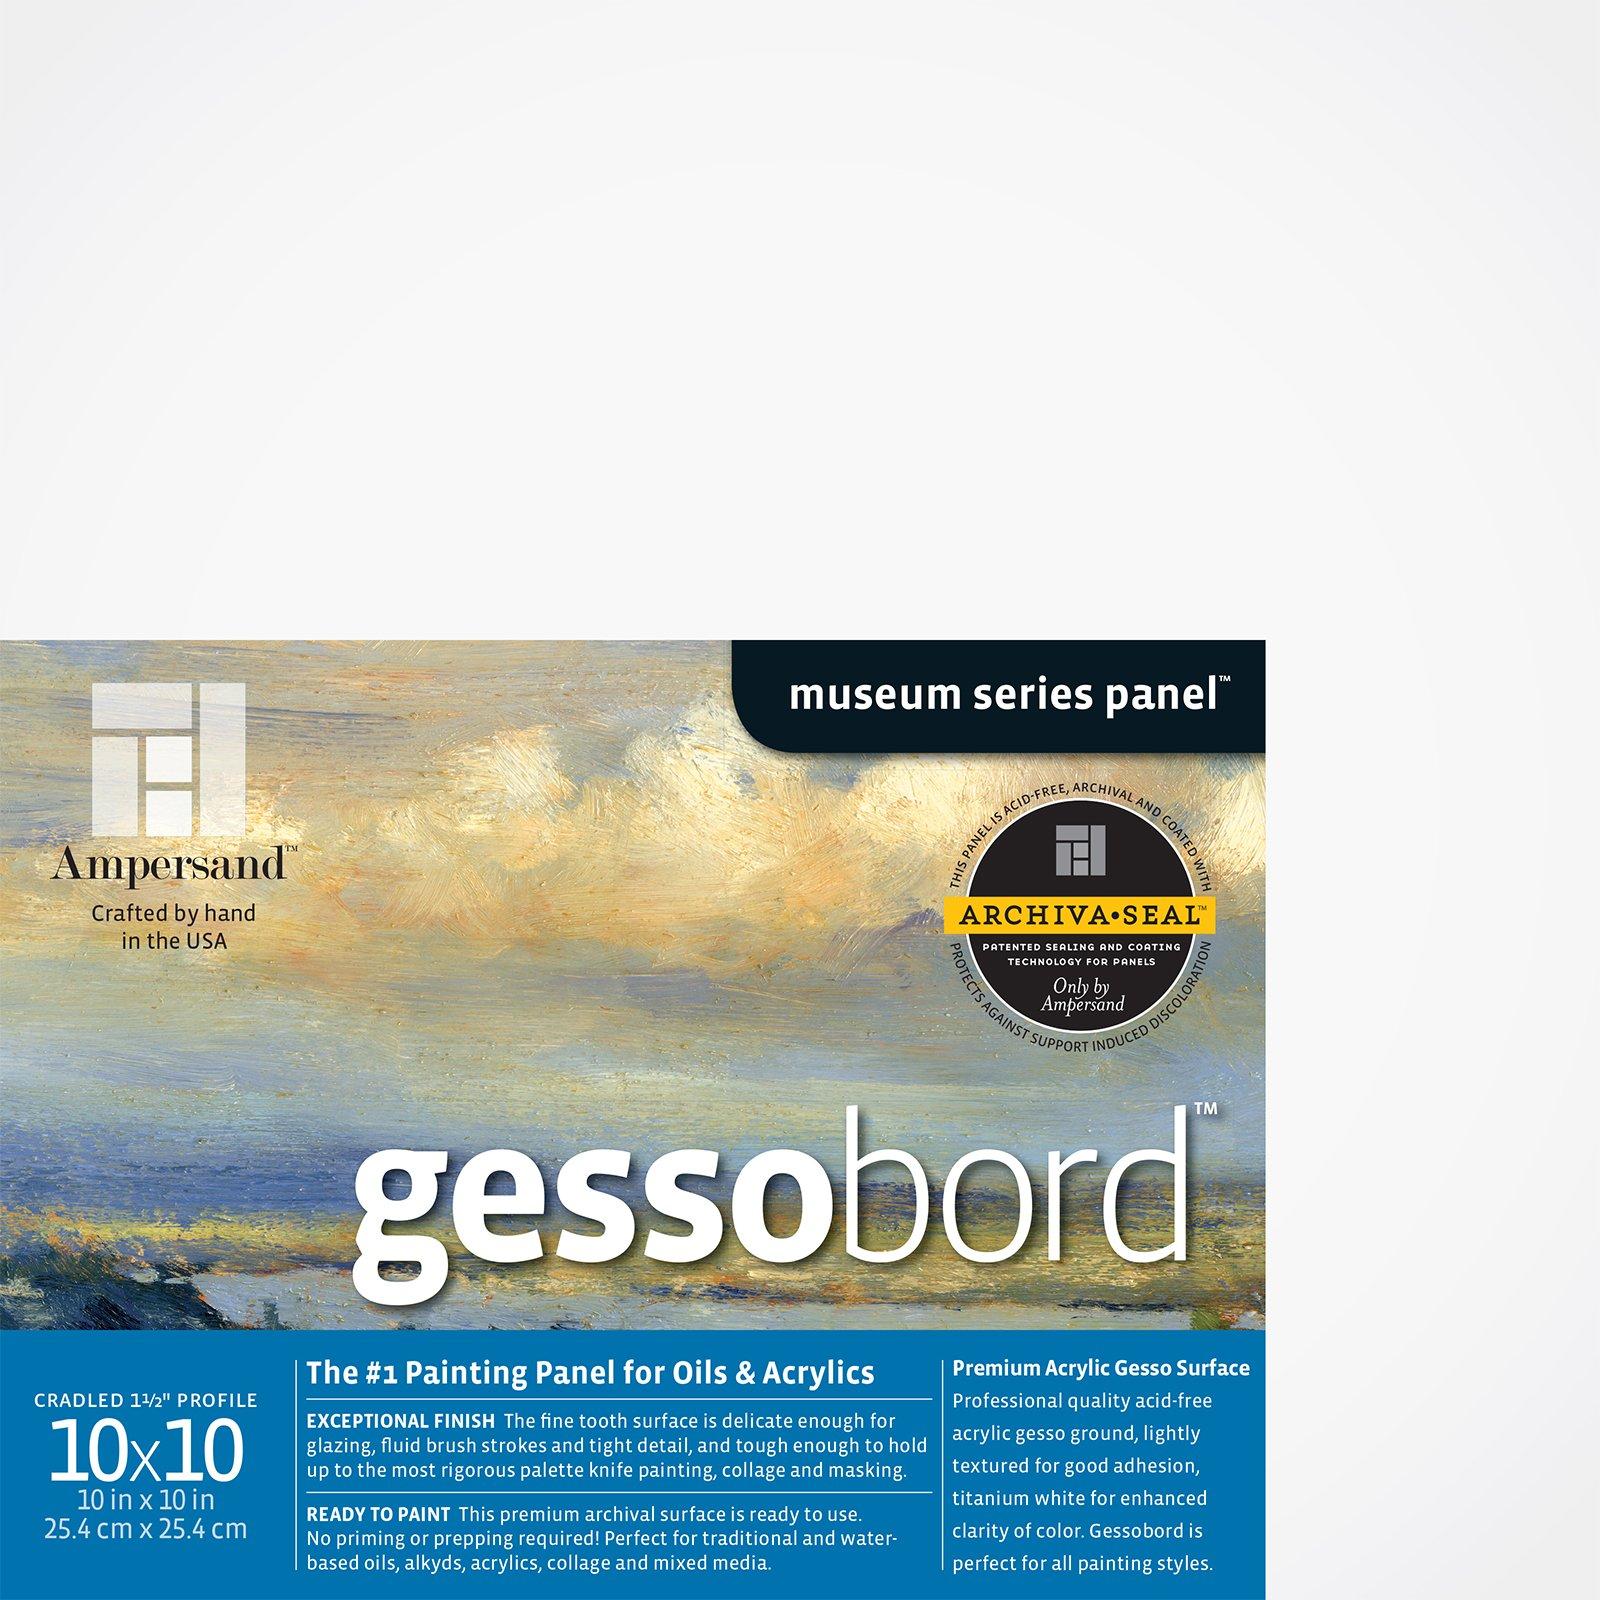 GESSOBORD 1.5IN CRADLED 10X10